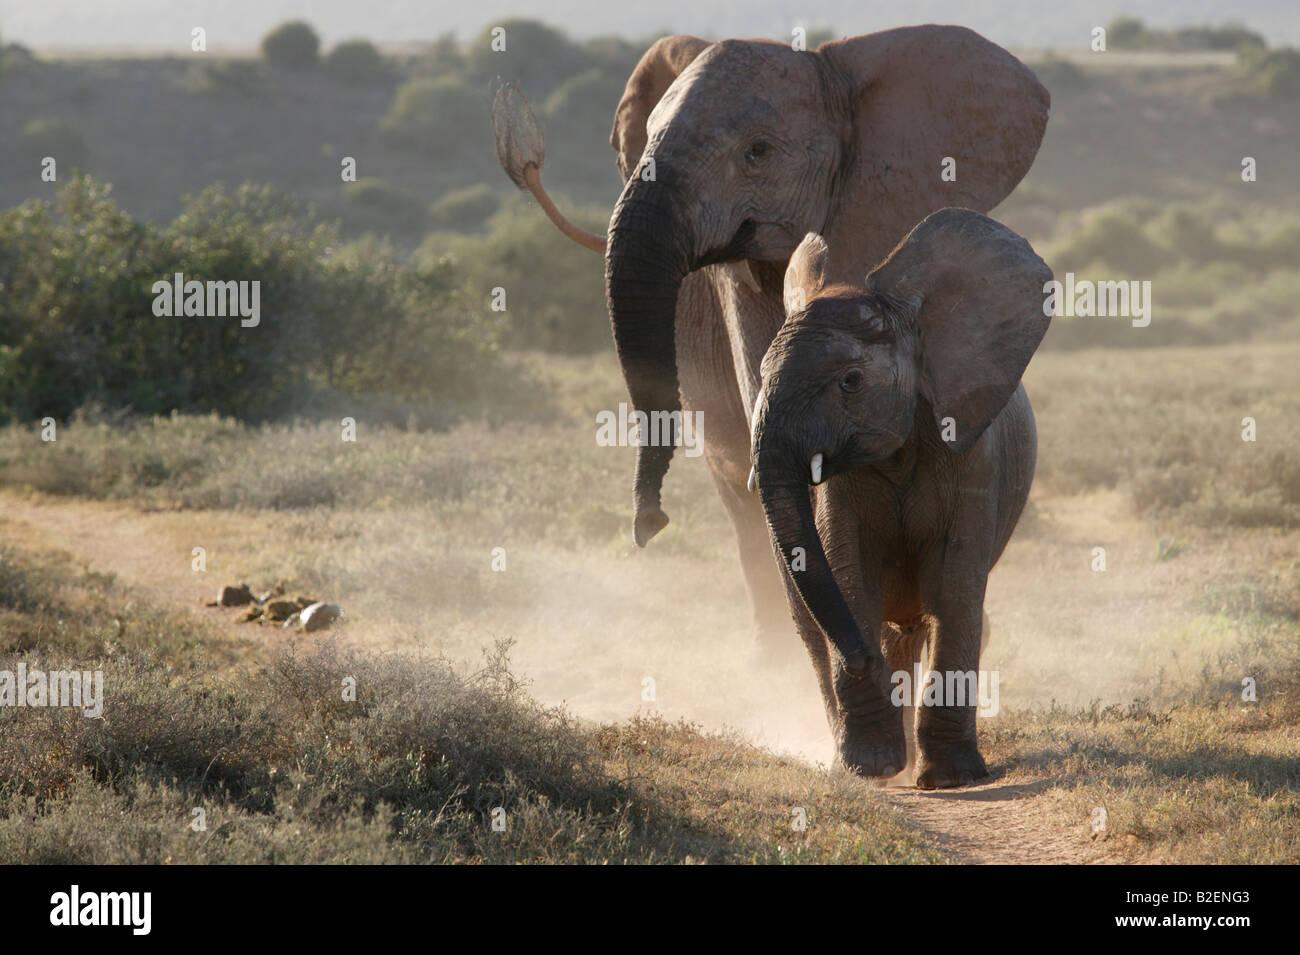 Eine Frontalansicht von zwei Elefanten in eine aggressive pose Stockbild